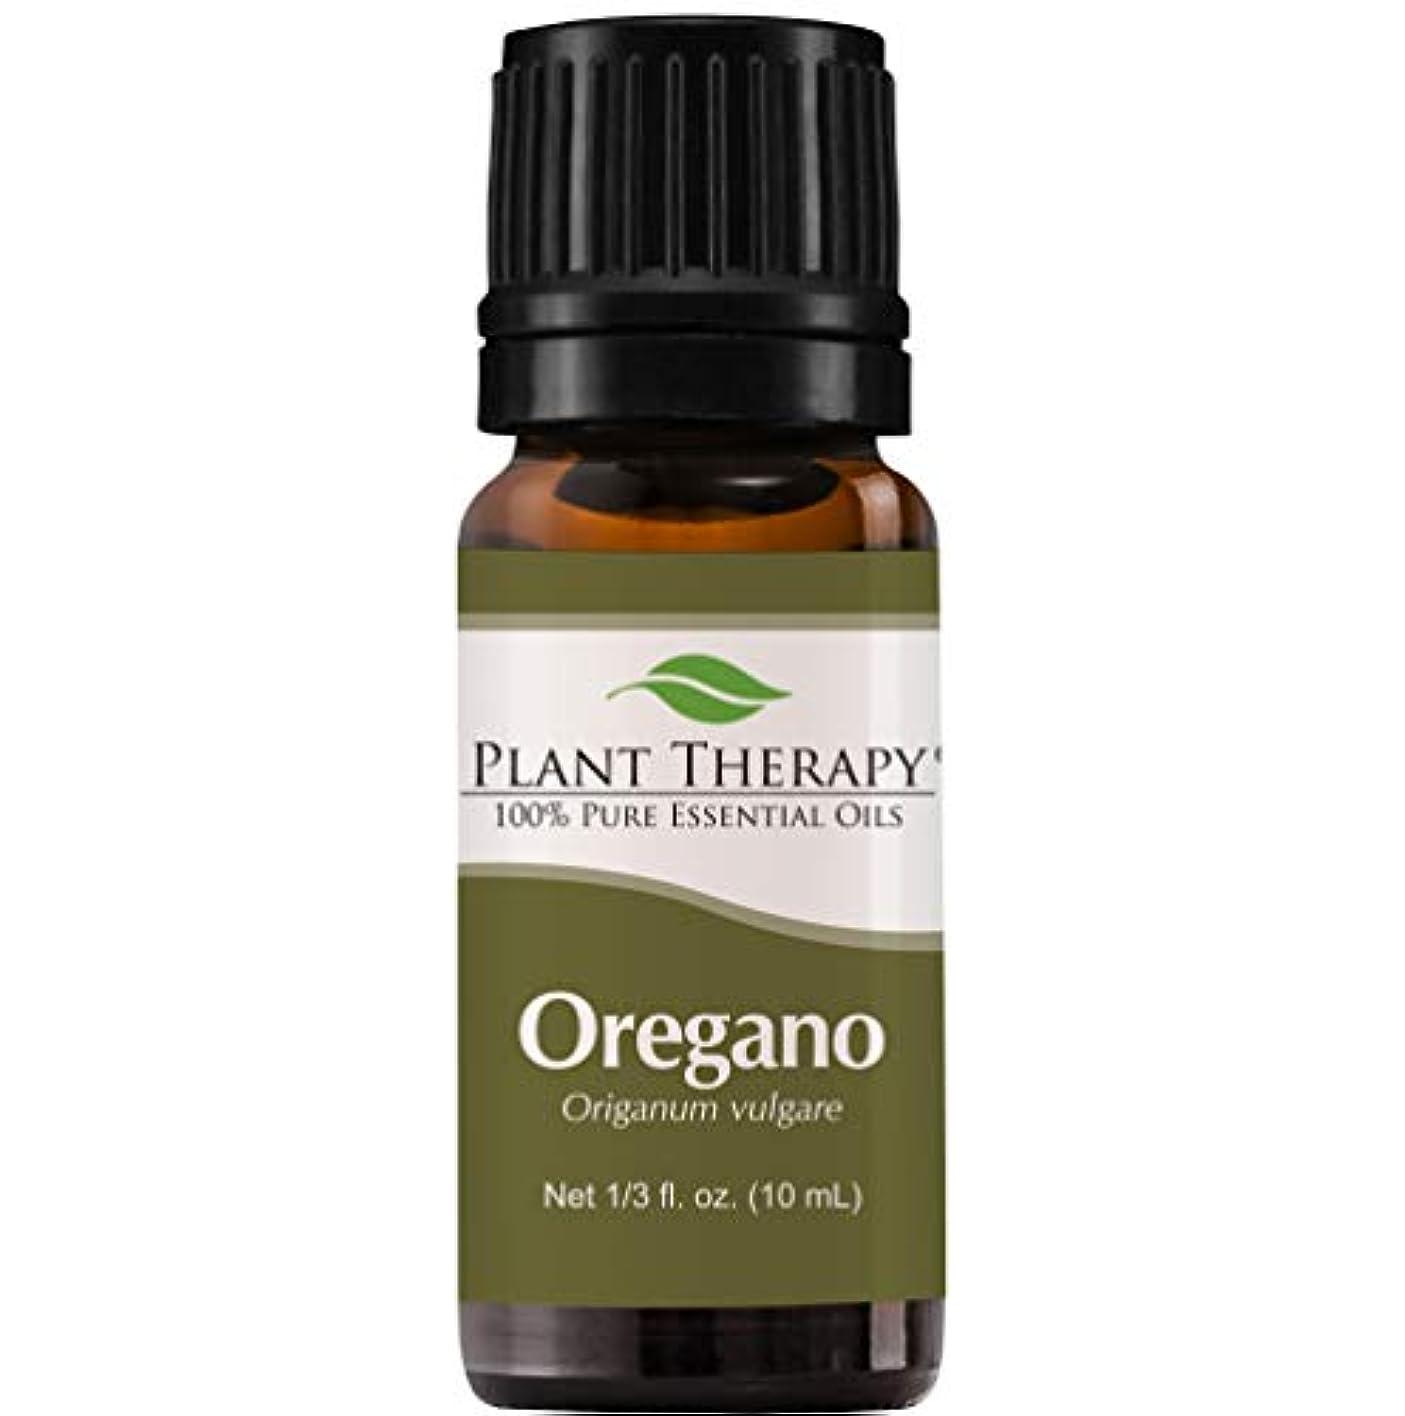 無花束酸Plant Therapy Essential Oils (プラントセラピー エッセンシャルオイル) オレガノ (オリガヌム) エッセンシャルオイル